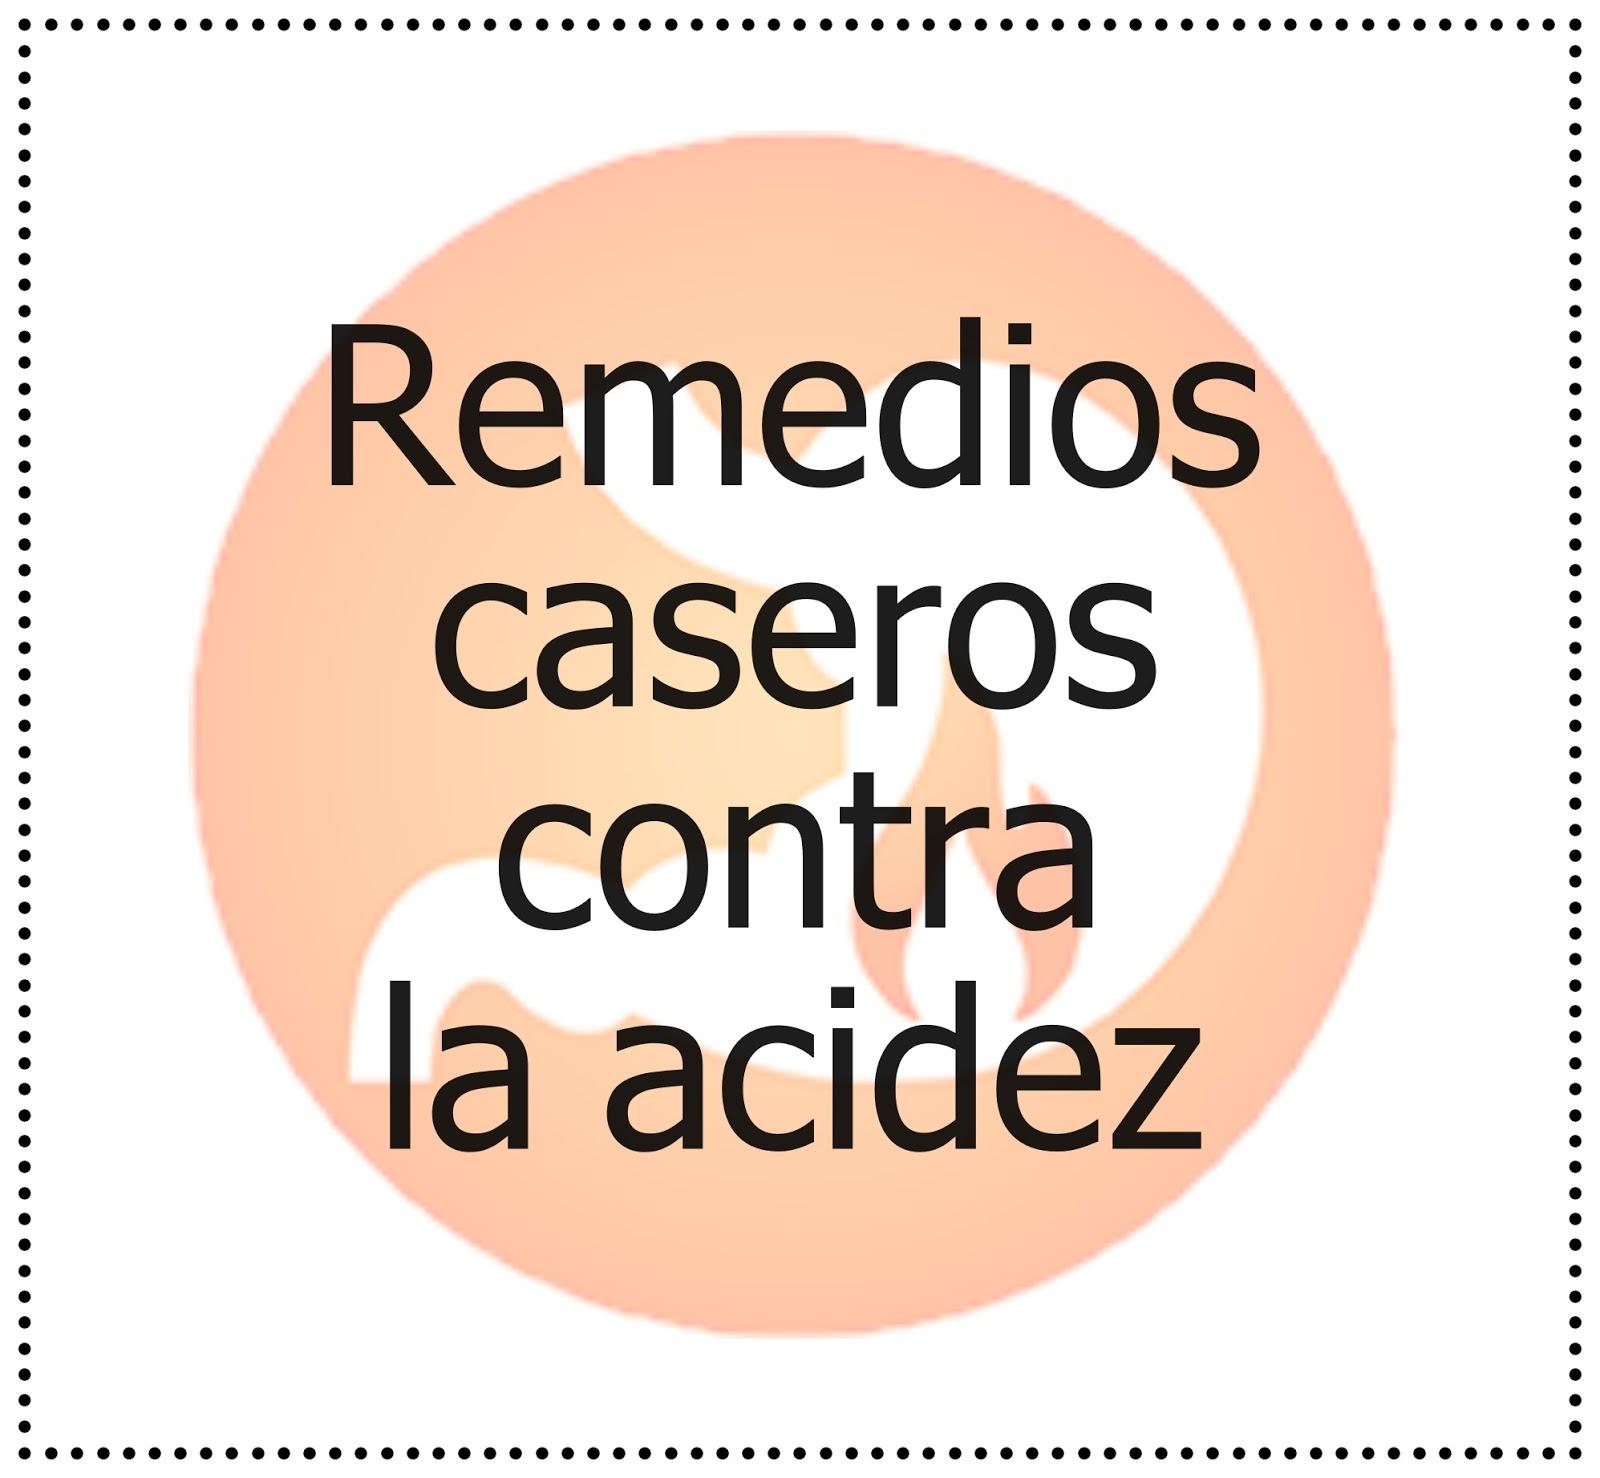 Remedios Caseros Gestation Calmar Solfa Syllable Grosería Digestivo Remedios Caseros Para Combatir La Acidez De Estomago